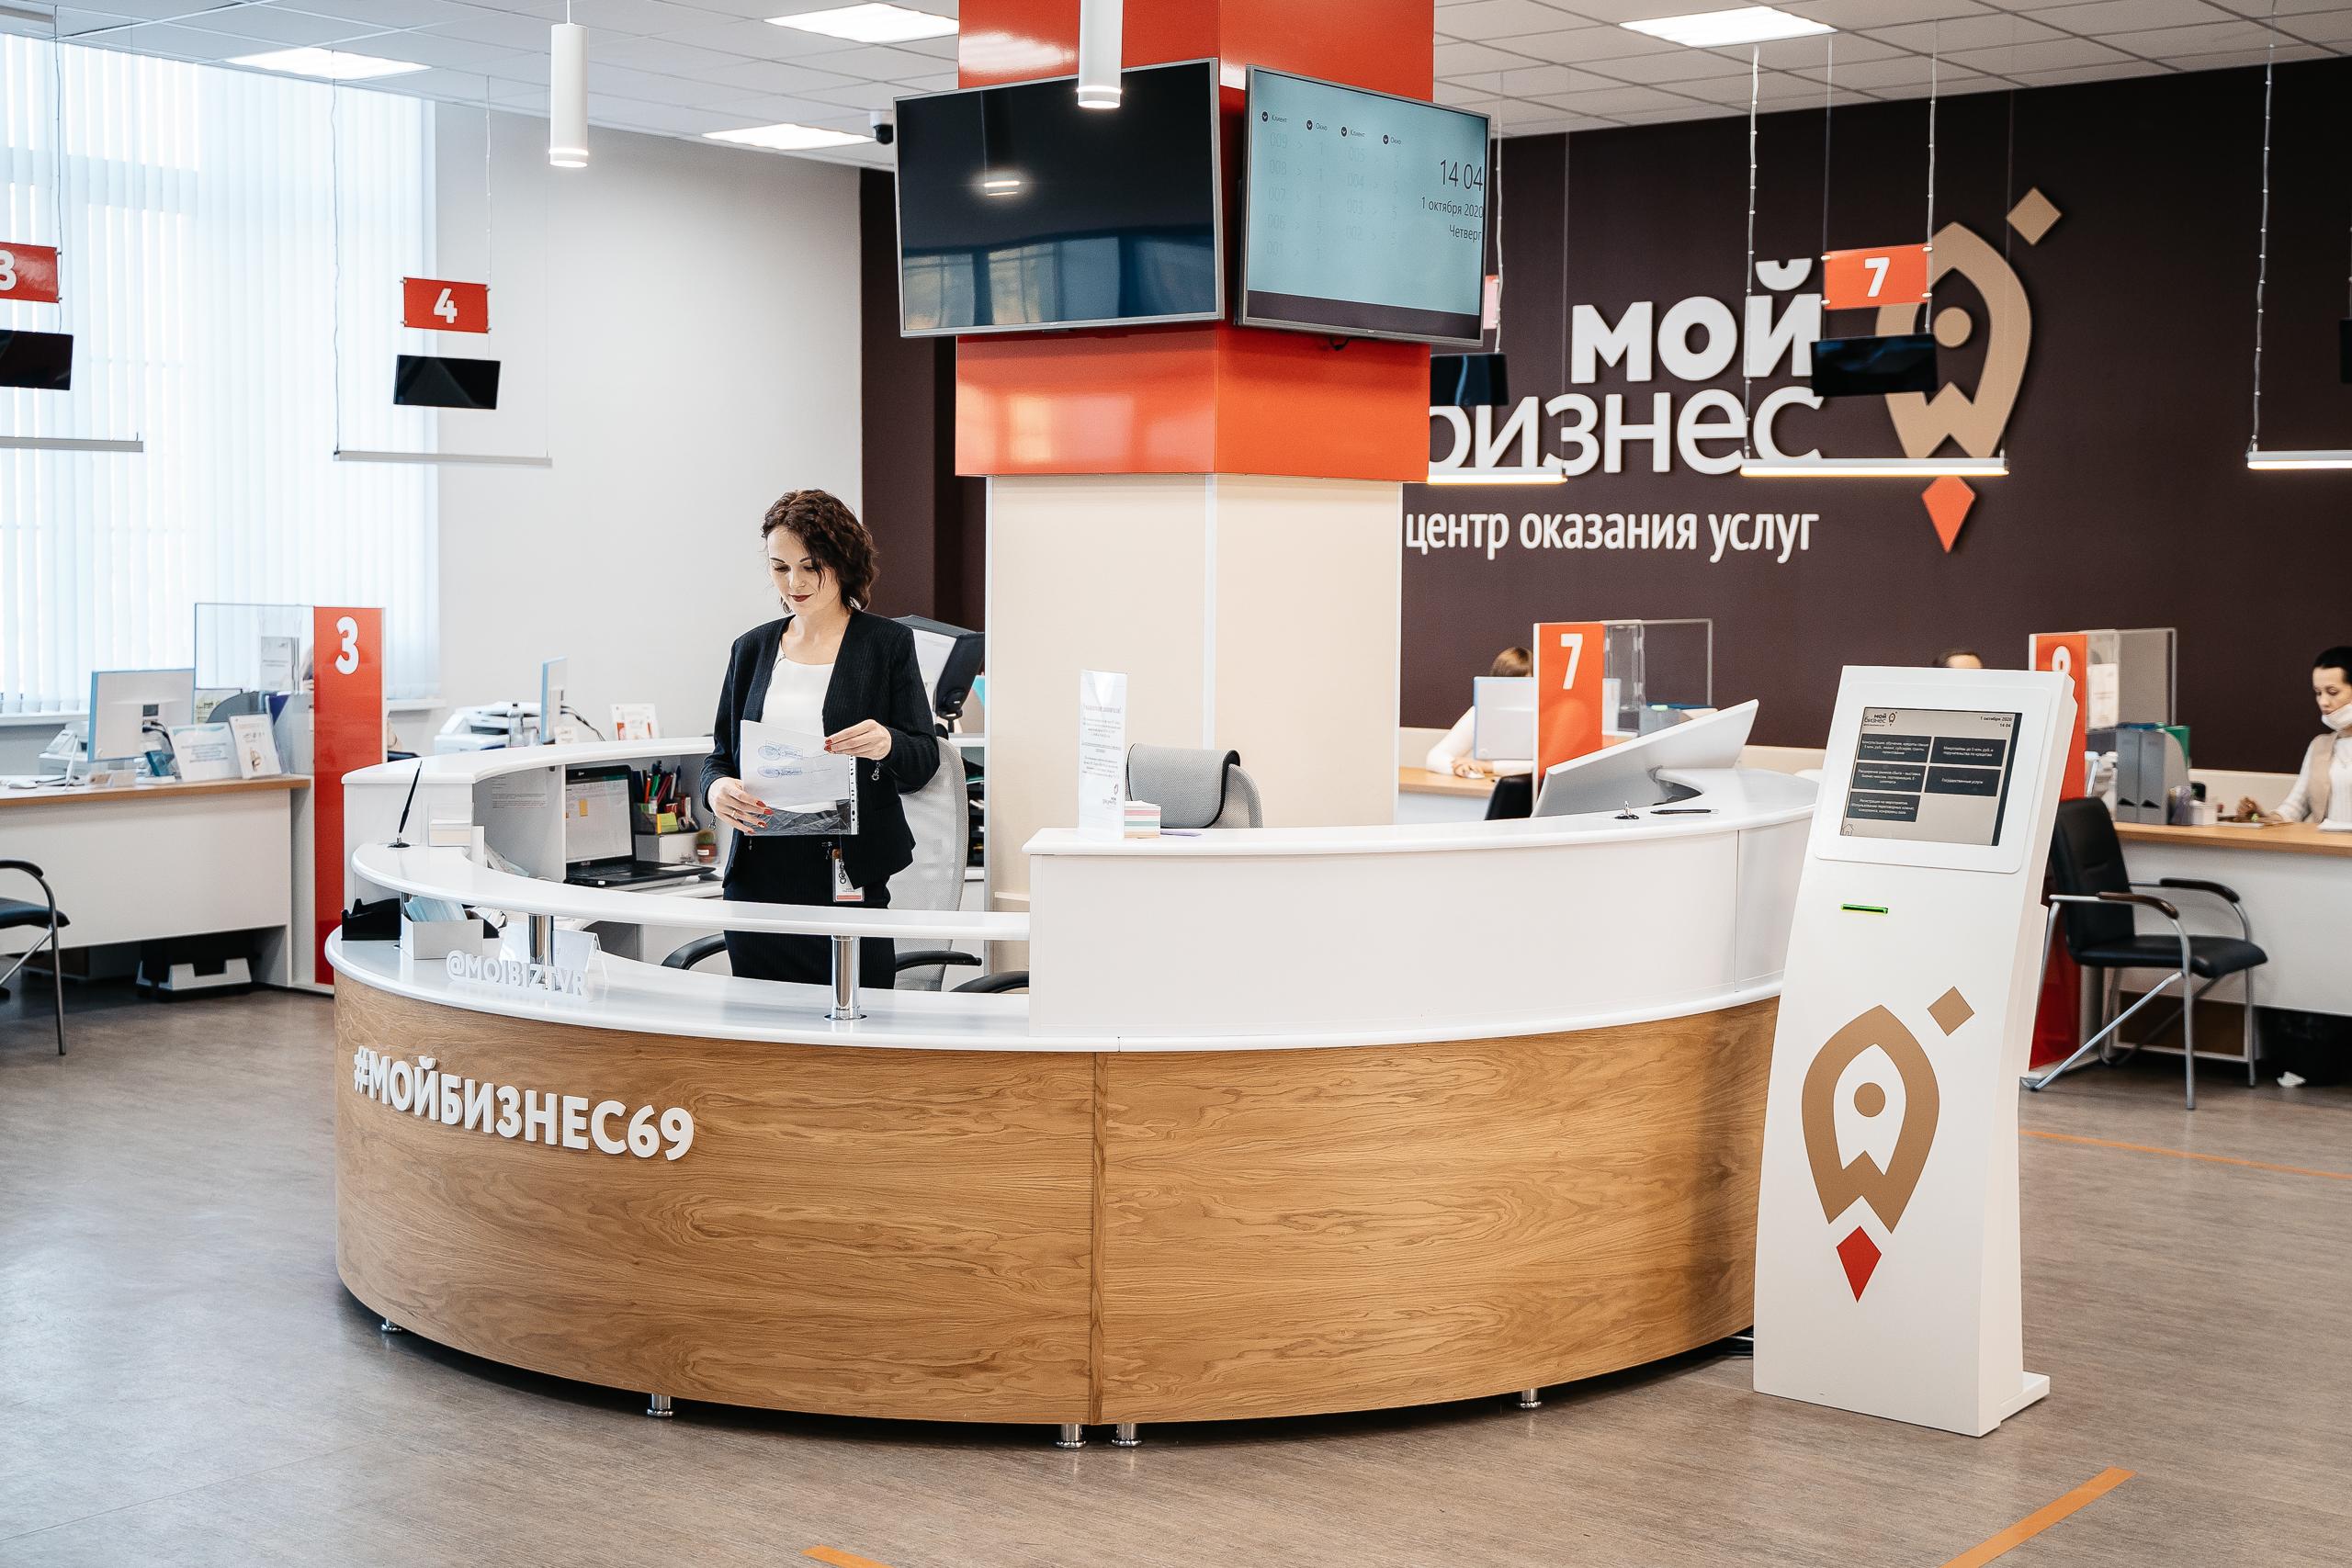 Кафе и ресторанам в Тверской области будут выдавать кредиты на льготных условиях